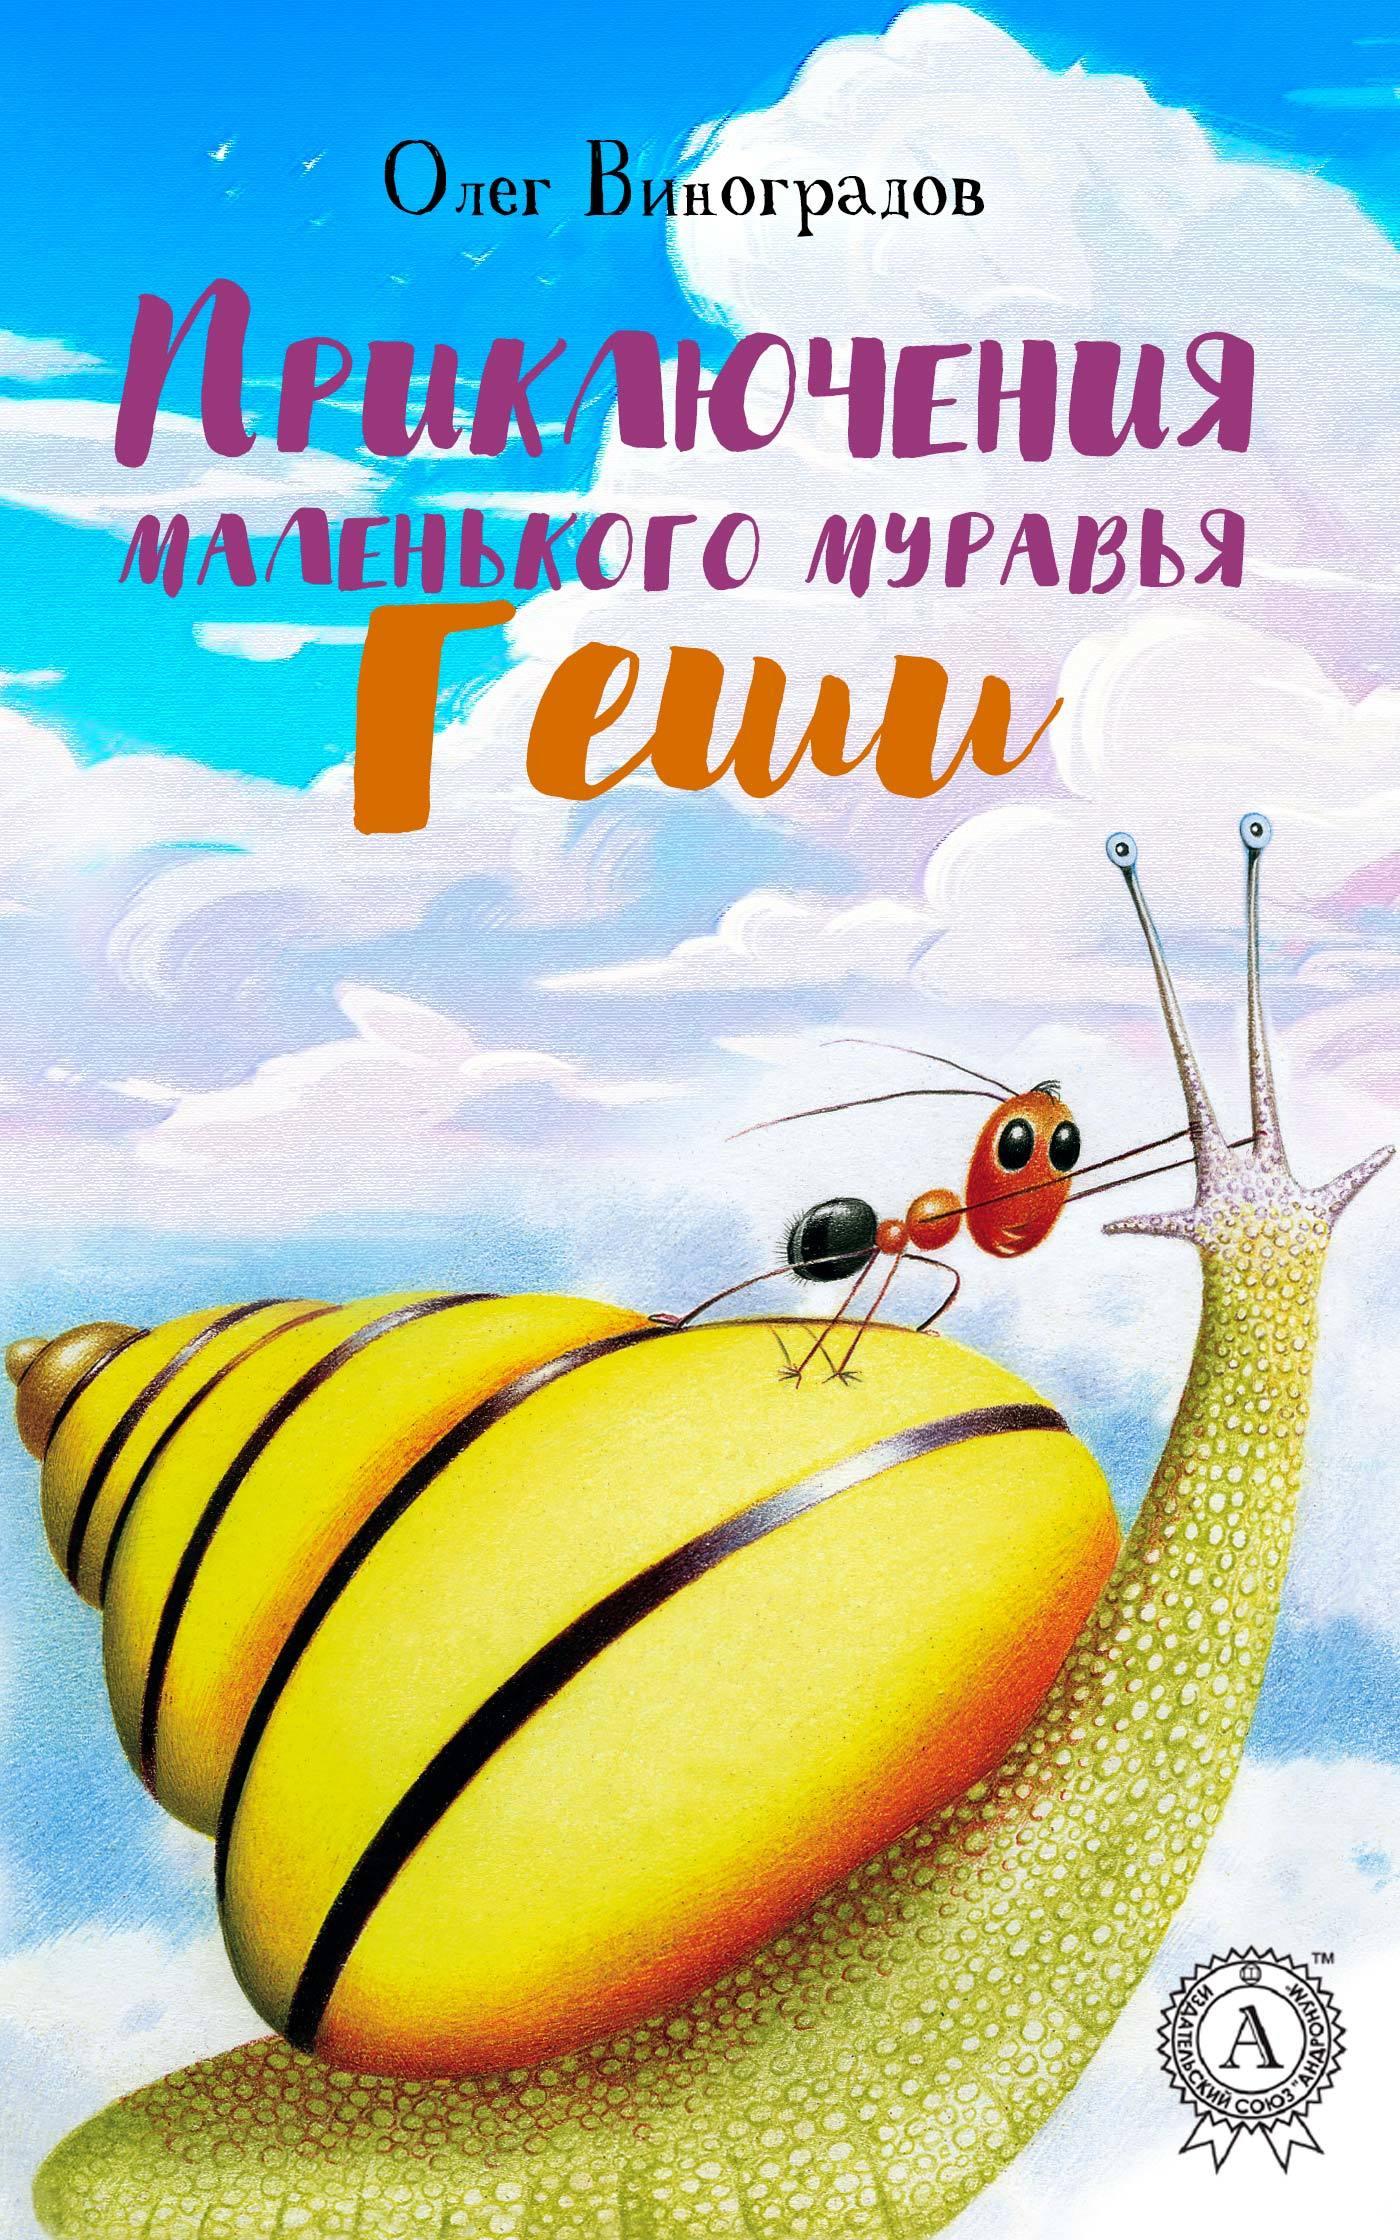 Олег Виноградов - Приключения маленького муравья Геши